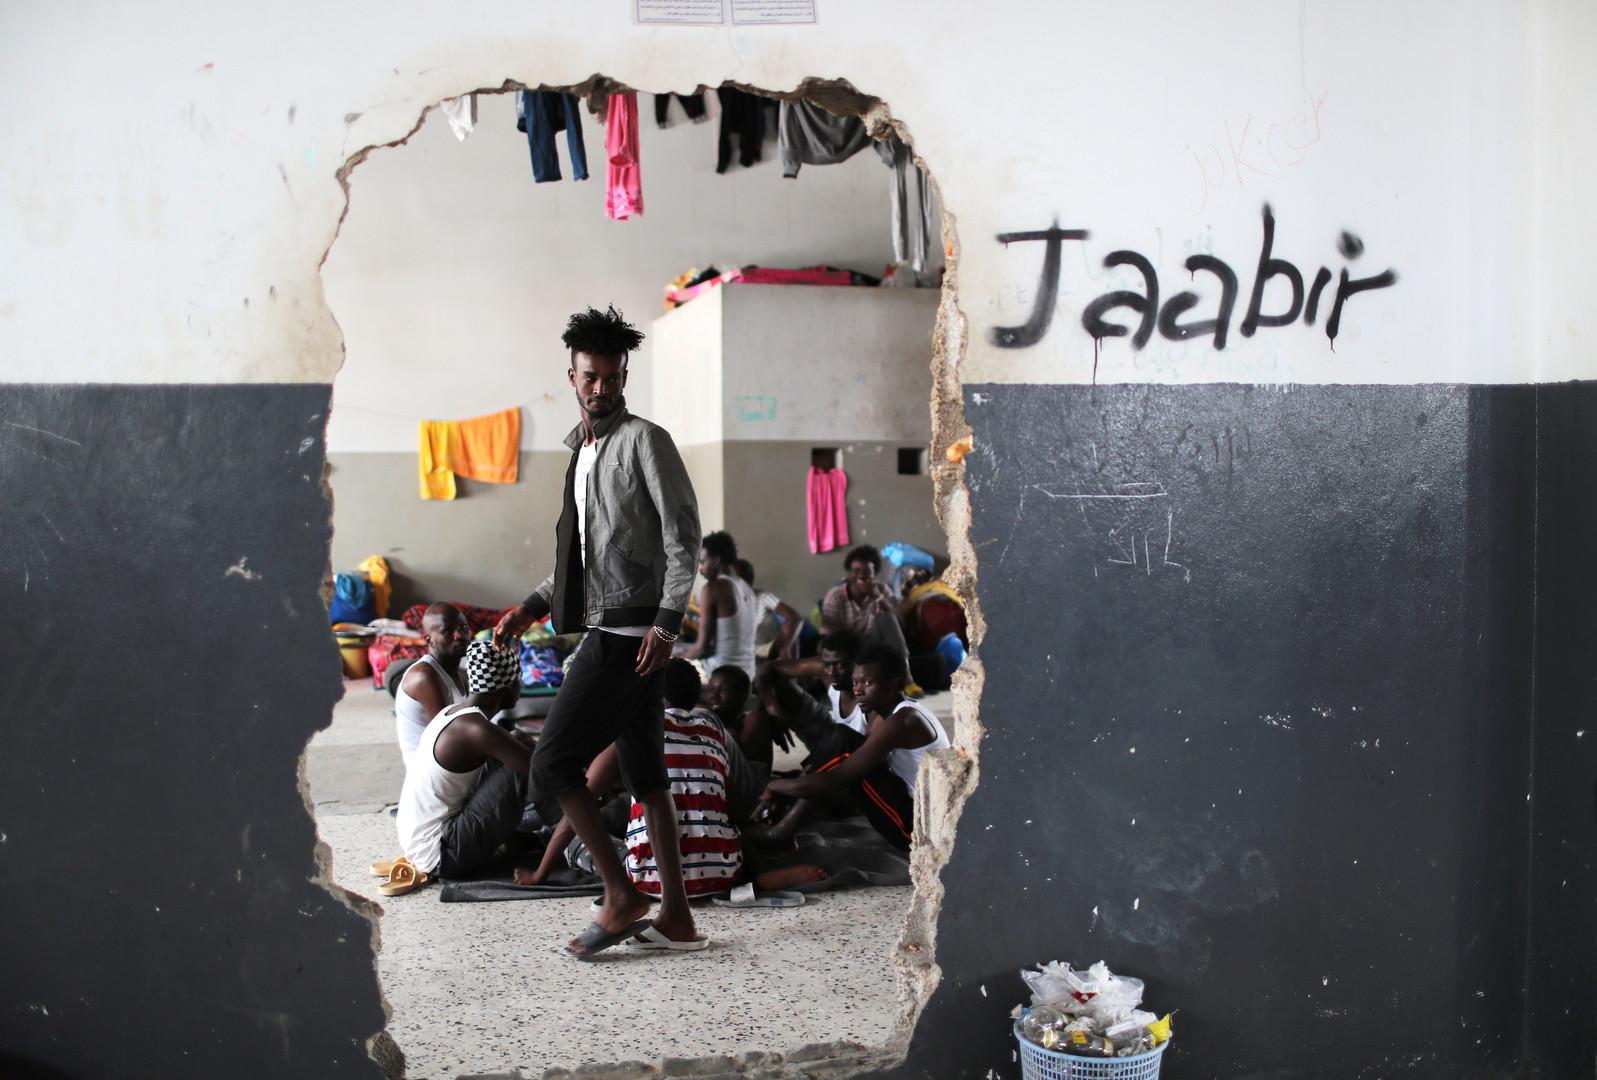 الأمم المتحدة: آلاف المهاجرين في دائرة الخطر بسبب استمرار القتال في طرابلس -